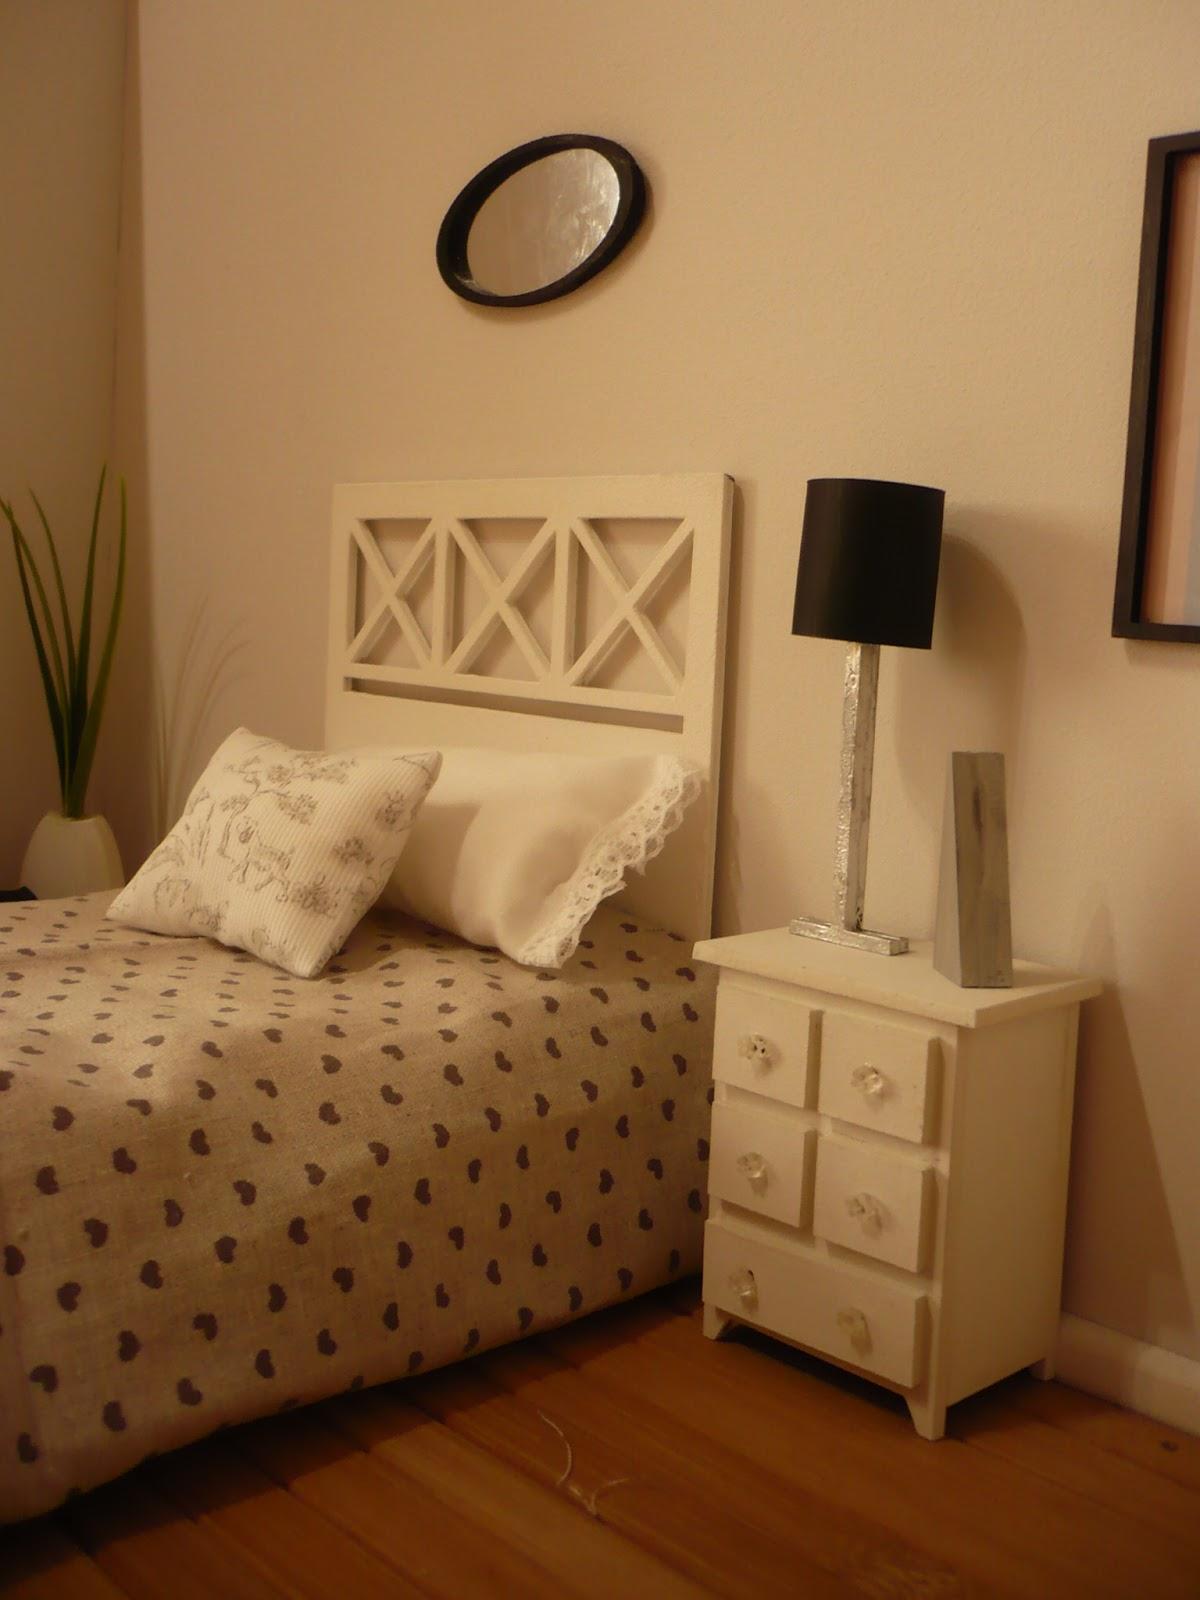 Muebles y complementos en escala 1 6 new furniture in 1 for Muebles y complementos